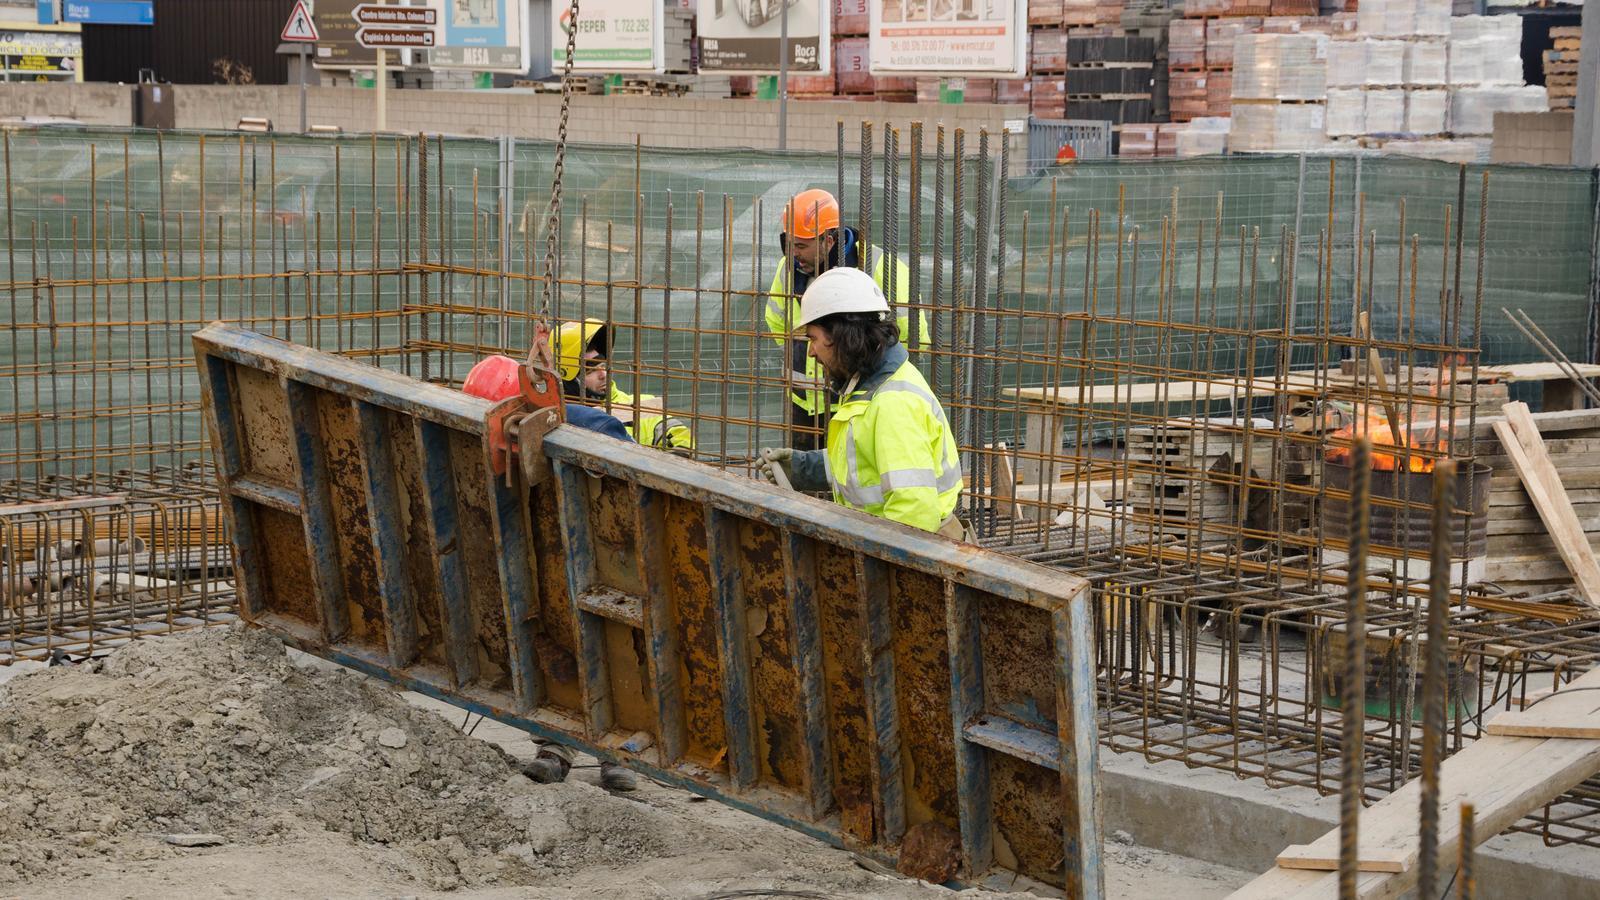 Treballadors de la construcció a unes obres a Santa Coloma. / Arxiu ANA